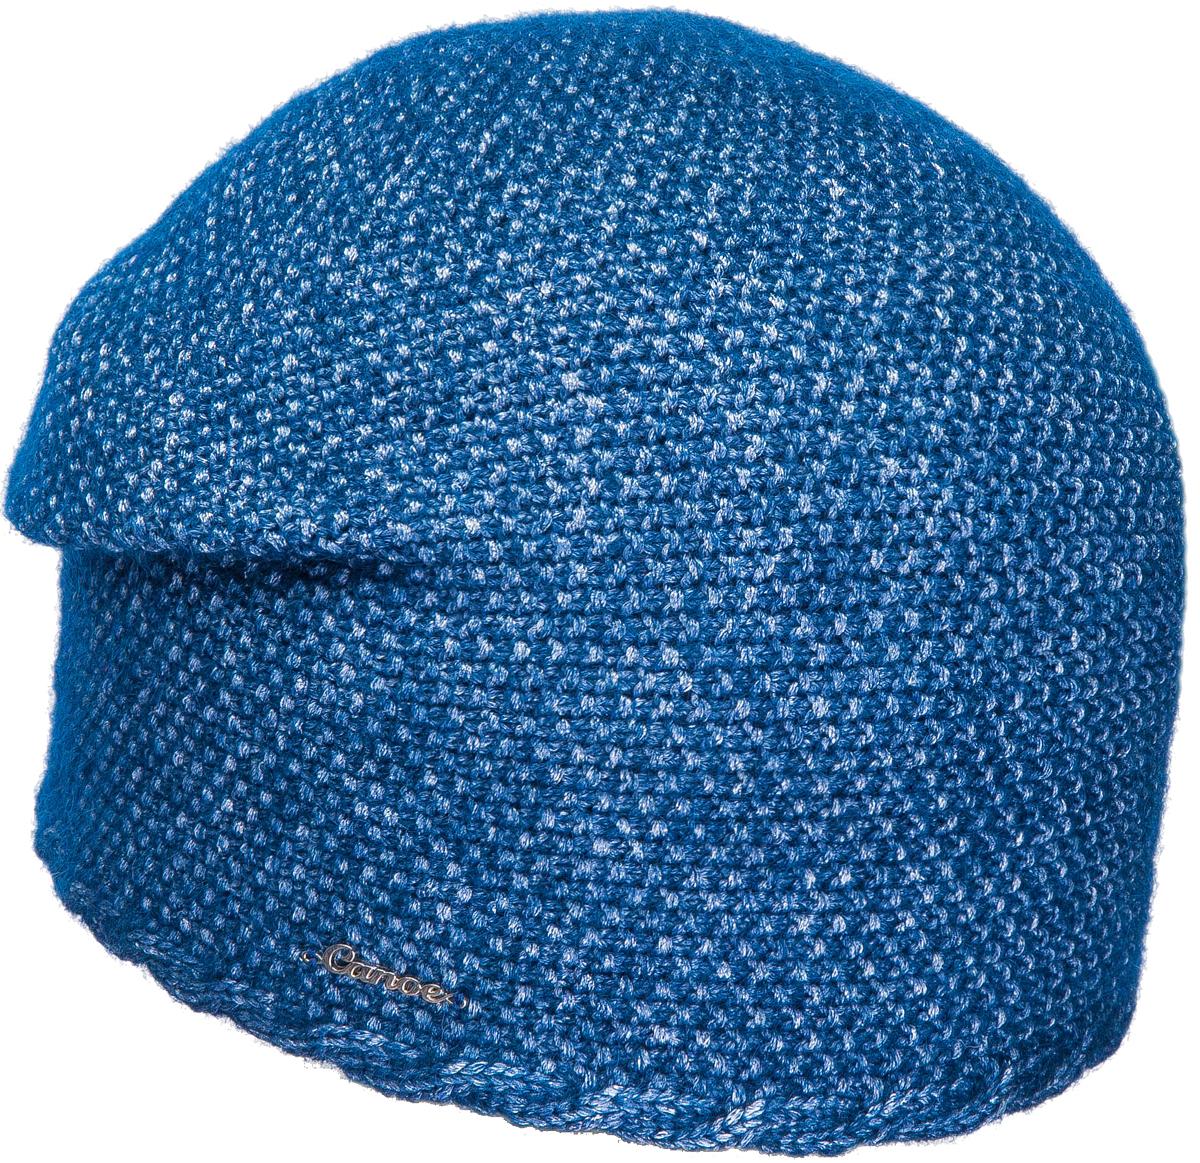 Шапка женская Canoe Lunita, цвет: синий. 3445954. Размер 56/583445954Элегантная женская шапочка из итальянского суперкид мохера вывязана рисом, украшена горизонтальной косой по краю изделия. Пряжа произведена по современной технологии 3D tube, где в полиэстеровую сетчатую нано-трубочку вдувают вискозу и пух суперкид мохера. Это придаёт изделию невероятную лёгкость, шикарный объем, великолепные тактильные ощущения мягкости и комфорта. Визуально пряжа имеет красивое двухцветное переплетение, создающее ощущение глубины, объёма внутри изделия и дороговизны. Невероятная игра оттенков. Все изделия проходят предварительную стирку и последующую обработку специальными составами и паром для улучшения износоустойчивости и комфорта. Структура шерсти после предварительной обработки приобретает лёгкость, мягкость, морозоустойчивость, становится пушистой, не продуваемой. Изделия долго сохраняют заданную форму.Уважаемые клиенты!Размер, доступный для заказа, является обхватом головы.